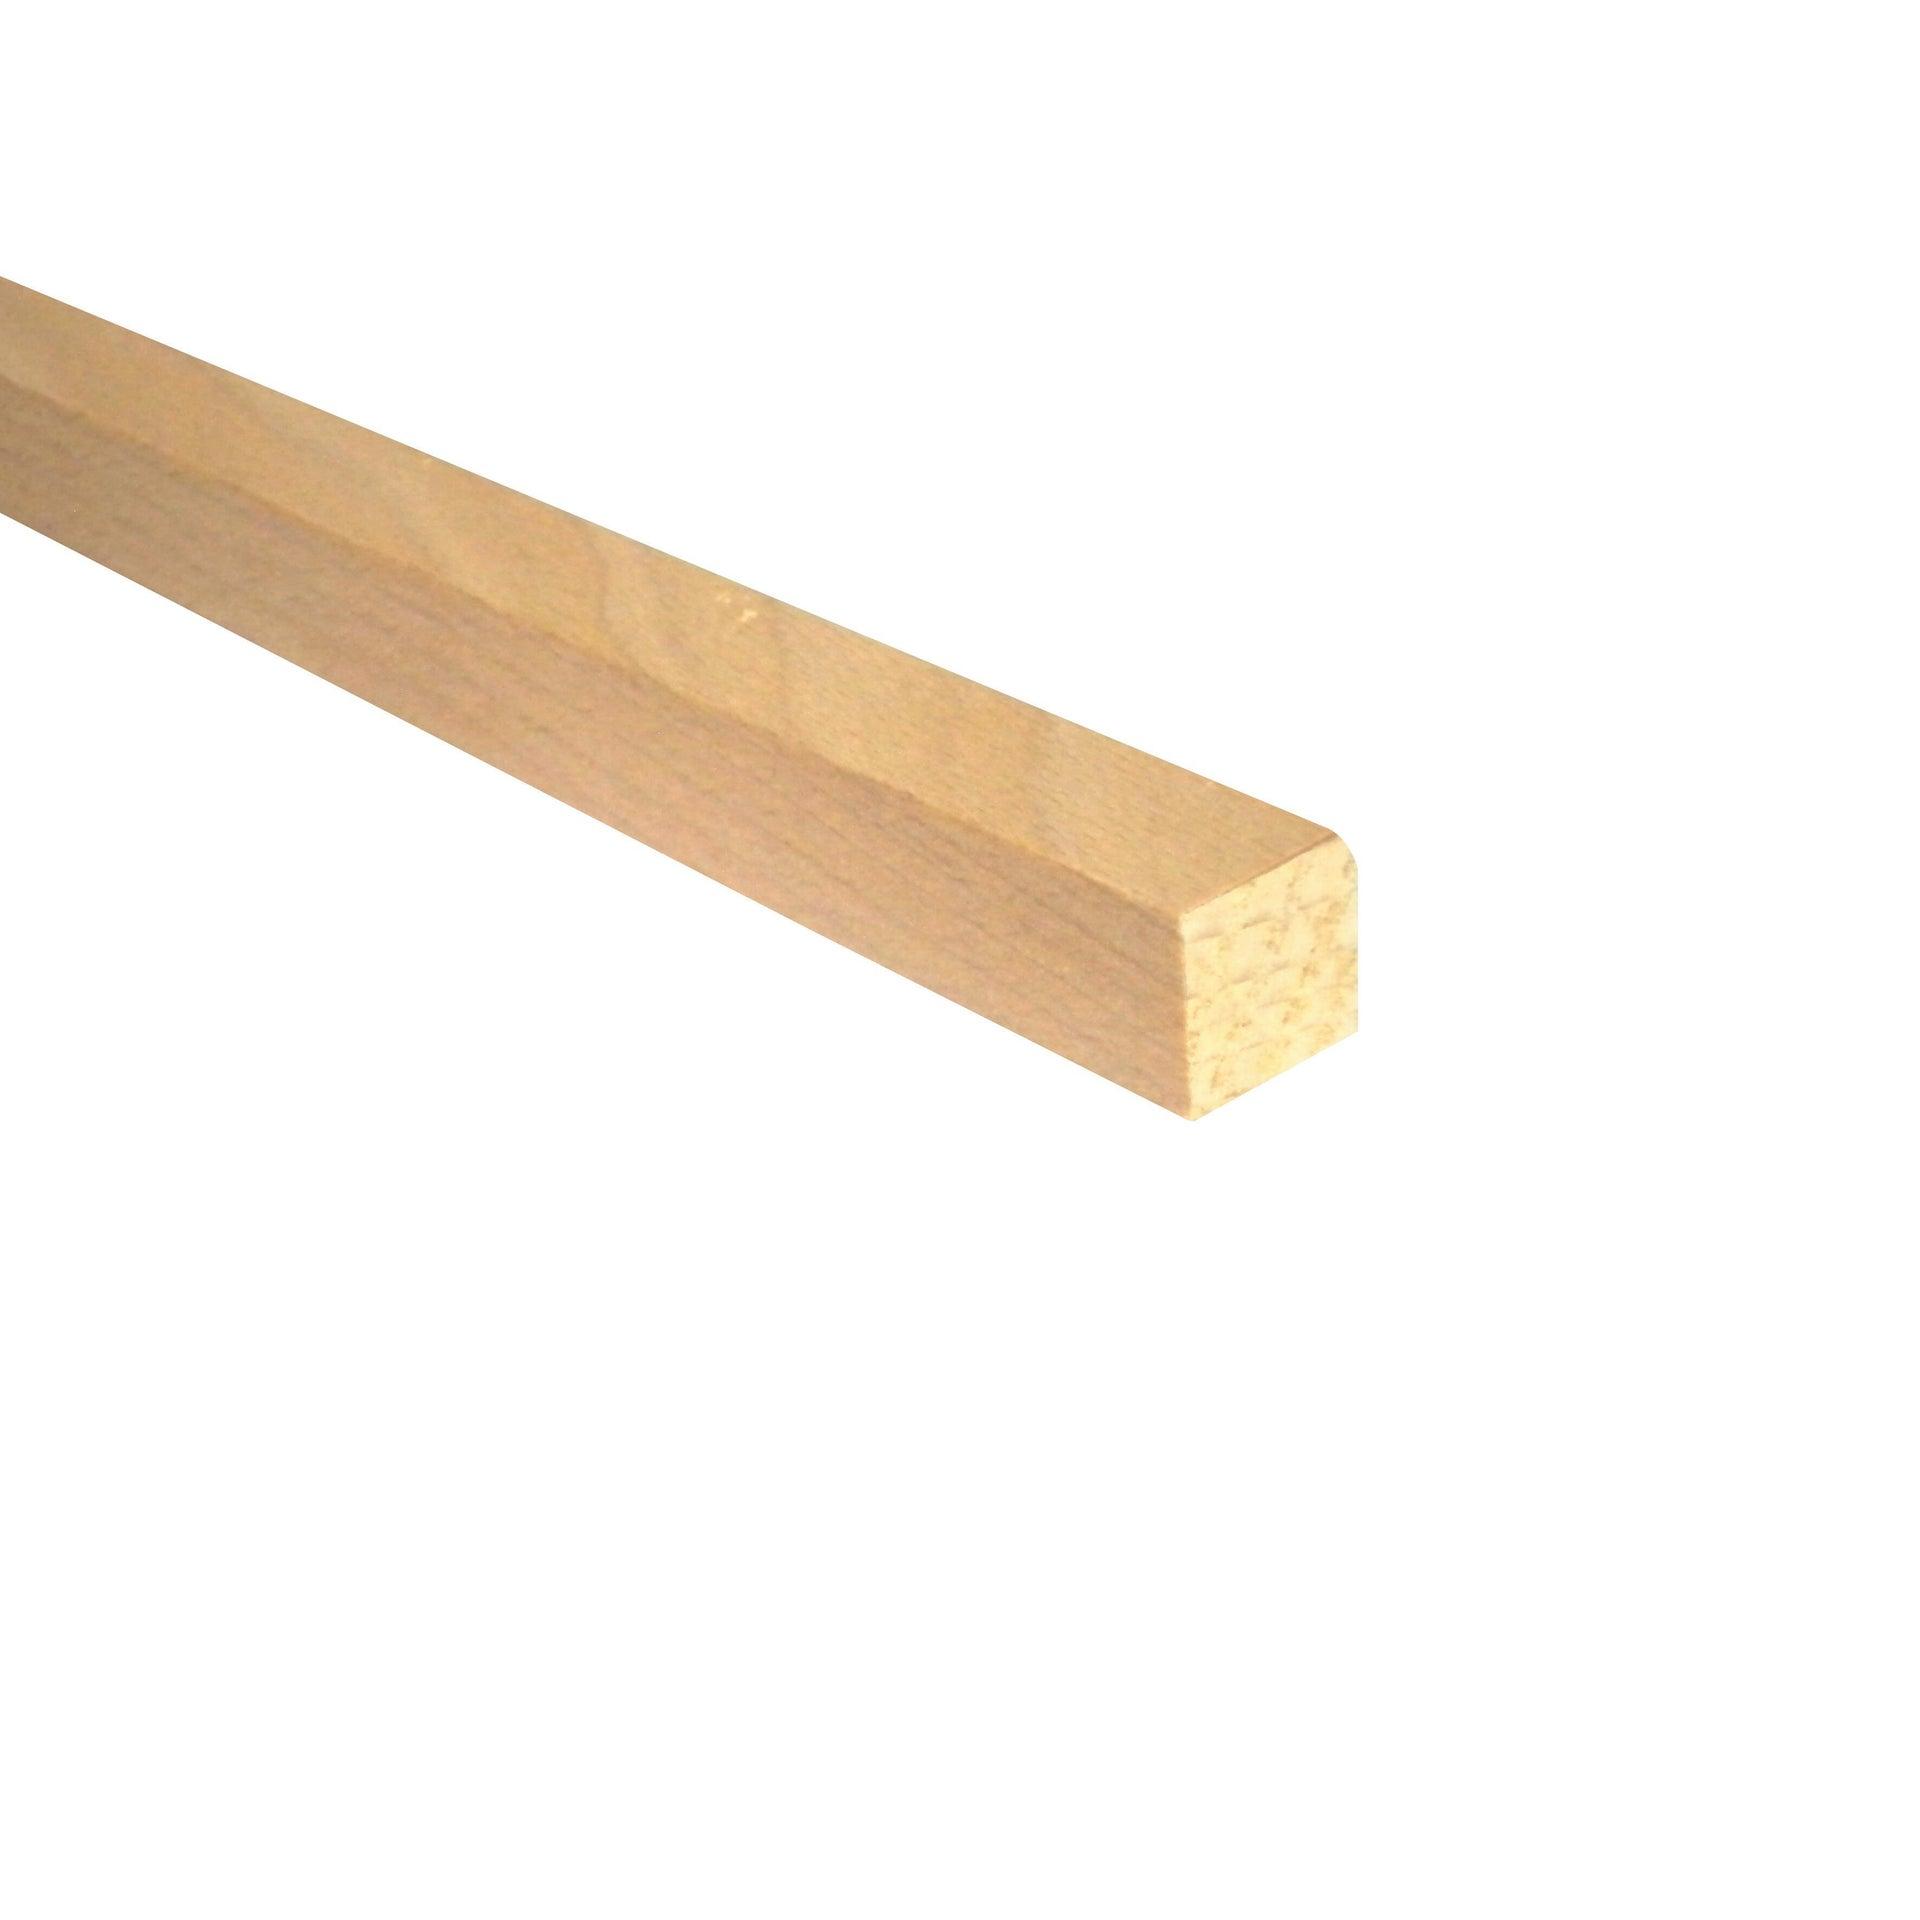 Listello piallato faggio 0.8 m x 15 mm, Sp 15 mm